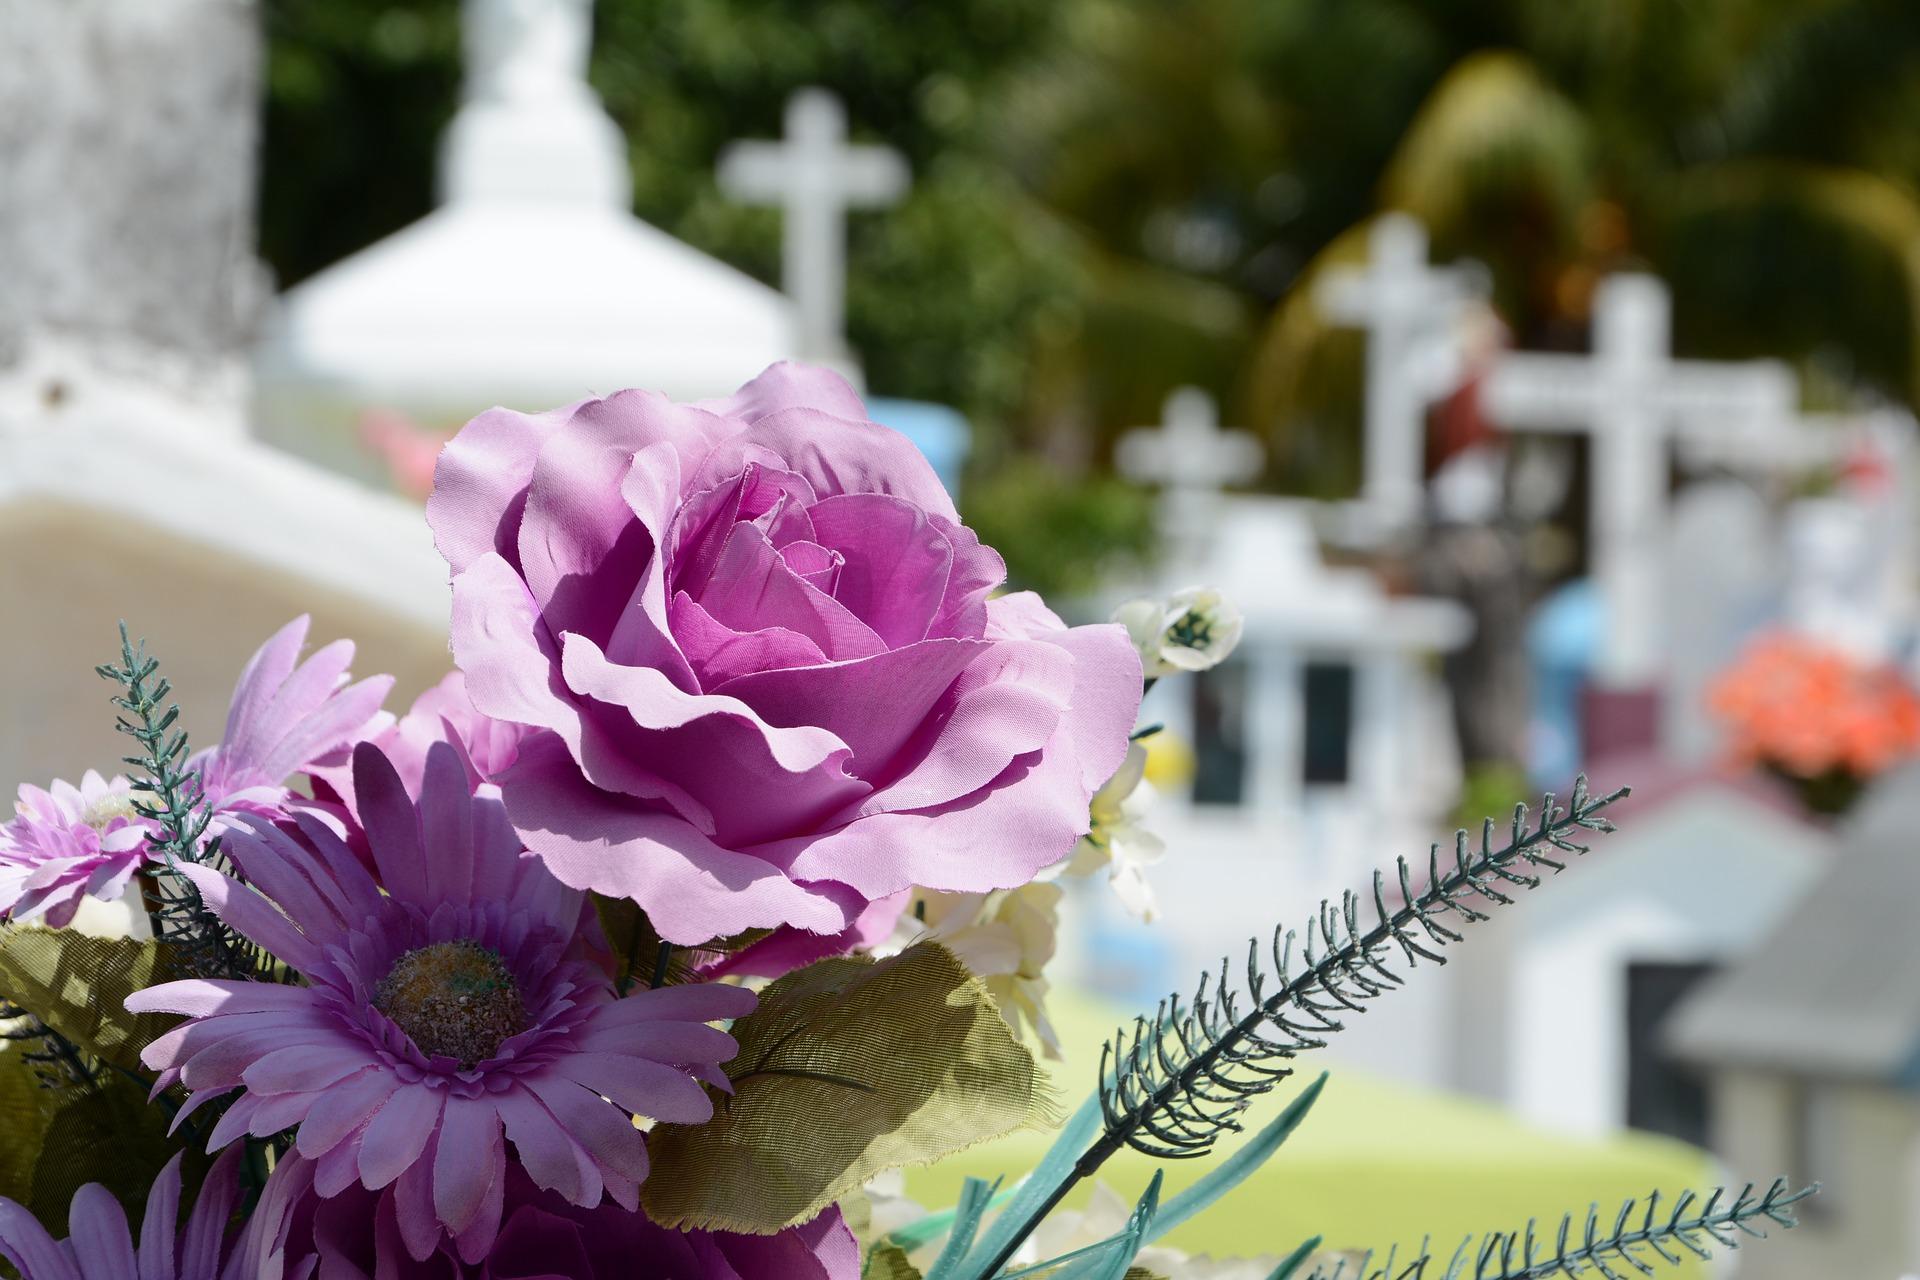 Funerale last hello, servizio innovativo